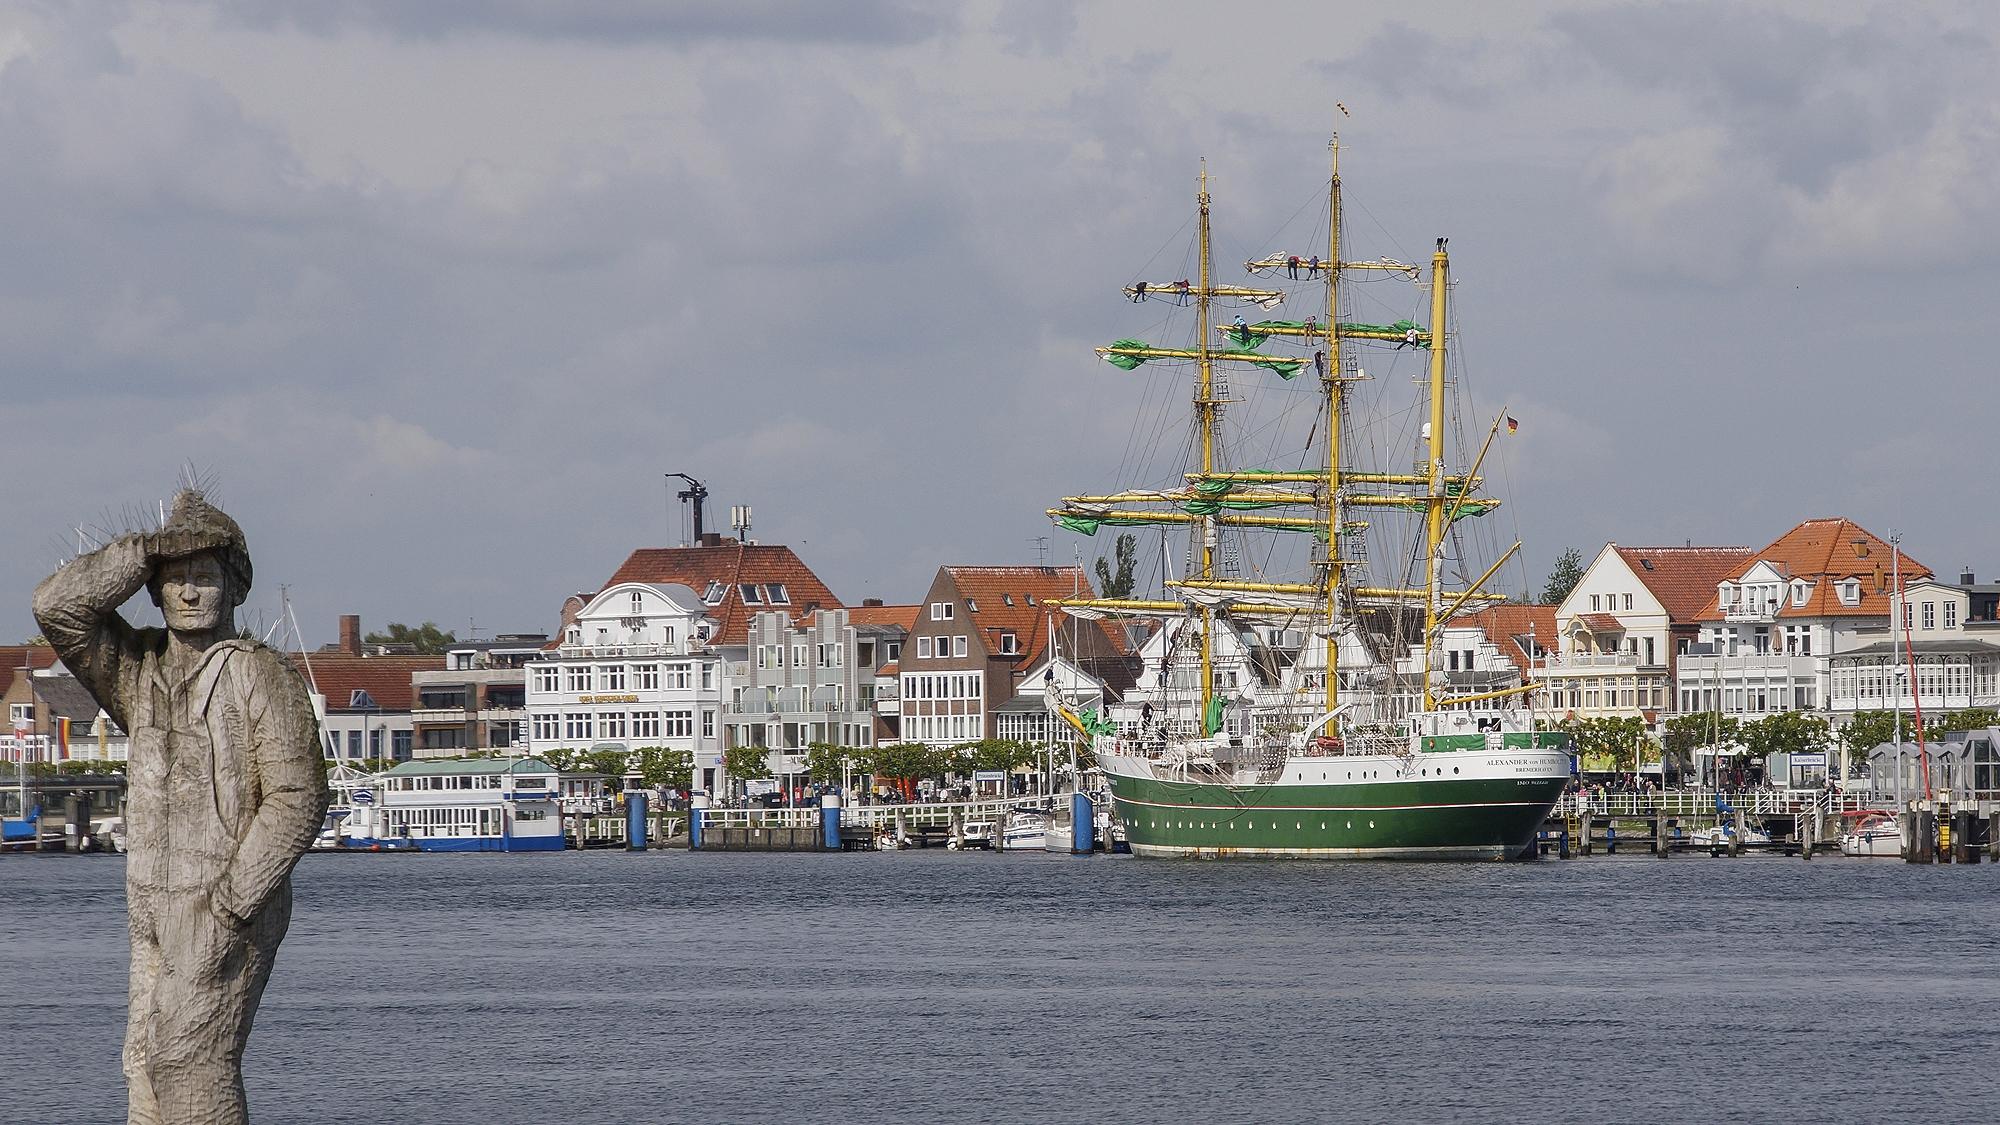 Alexander von Humold II in Travemünde © TraveMedia